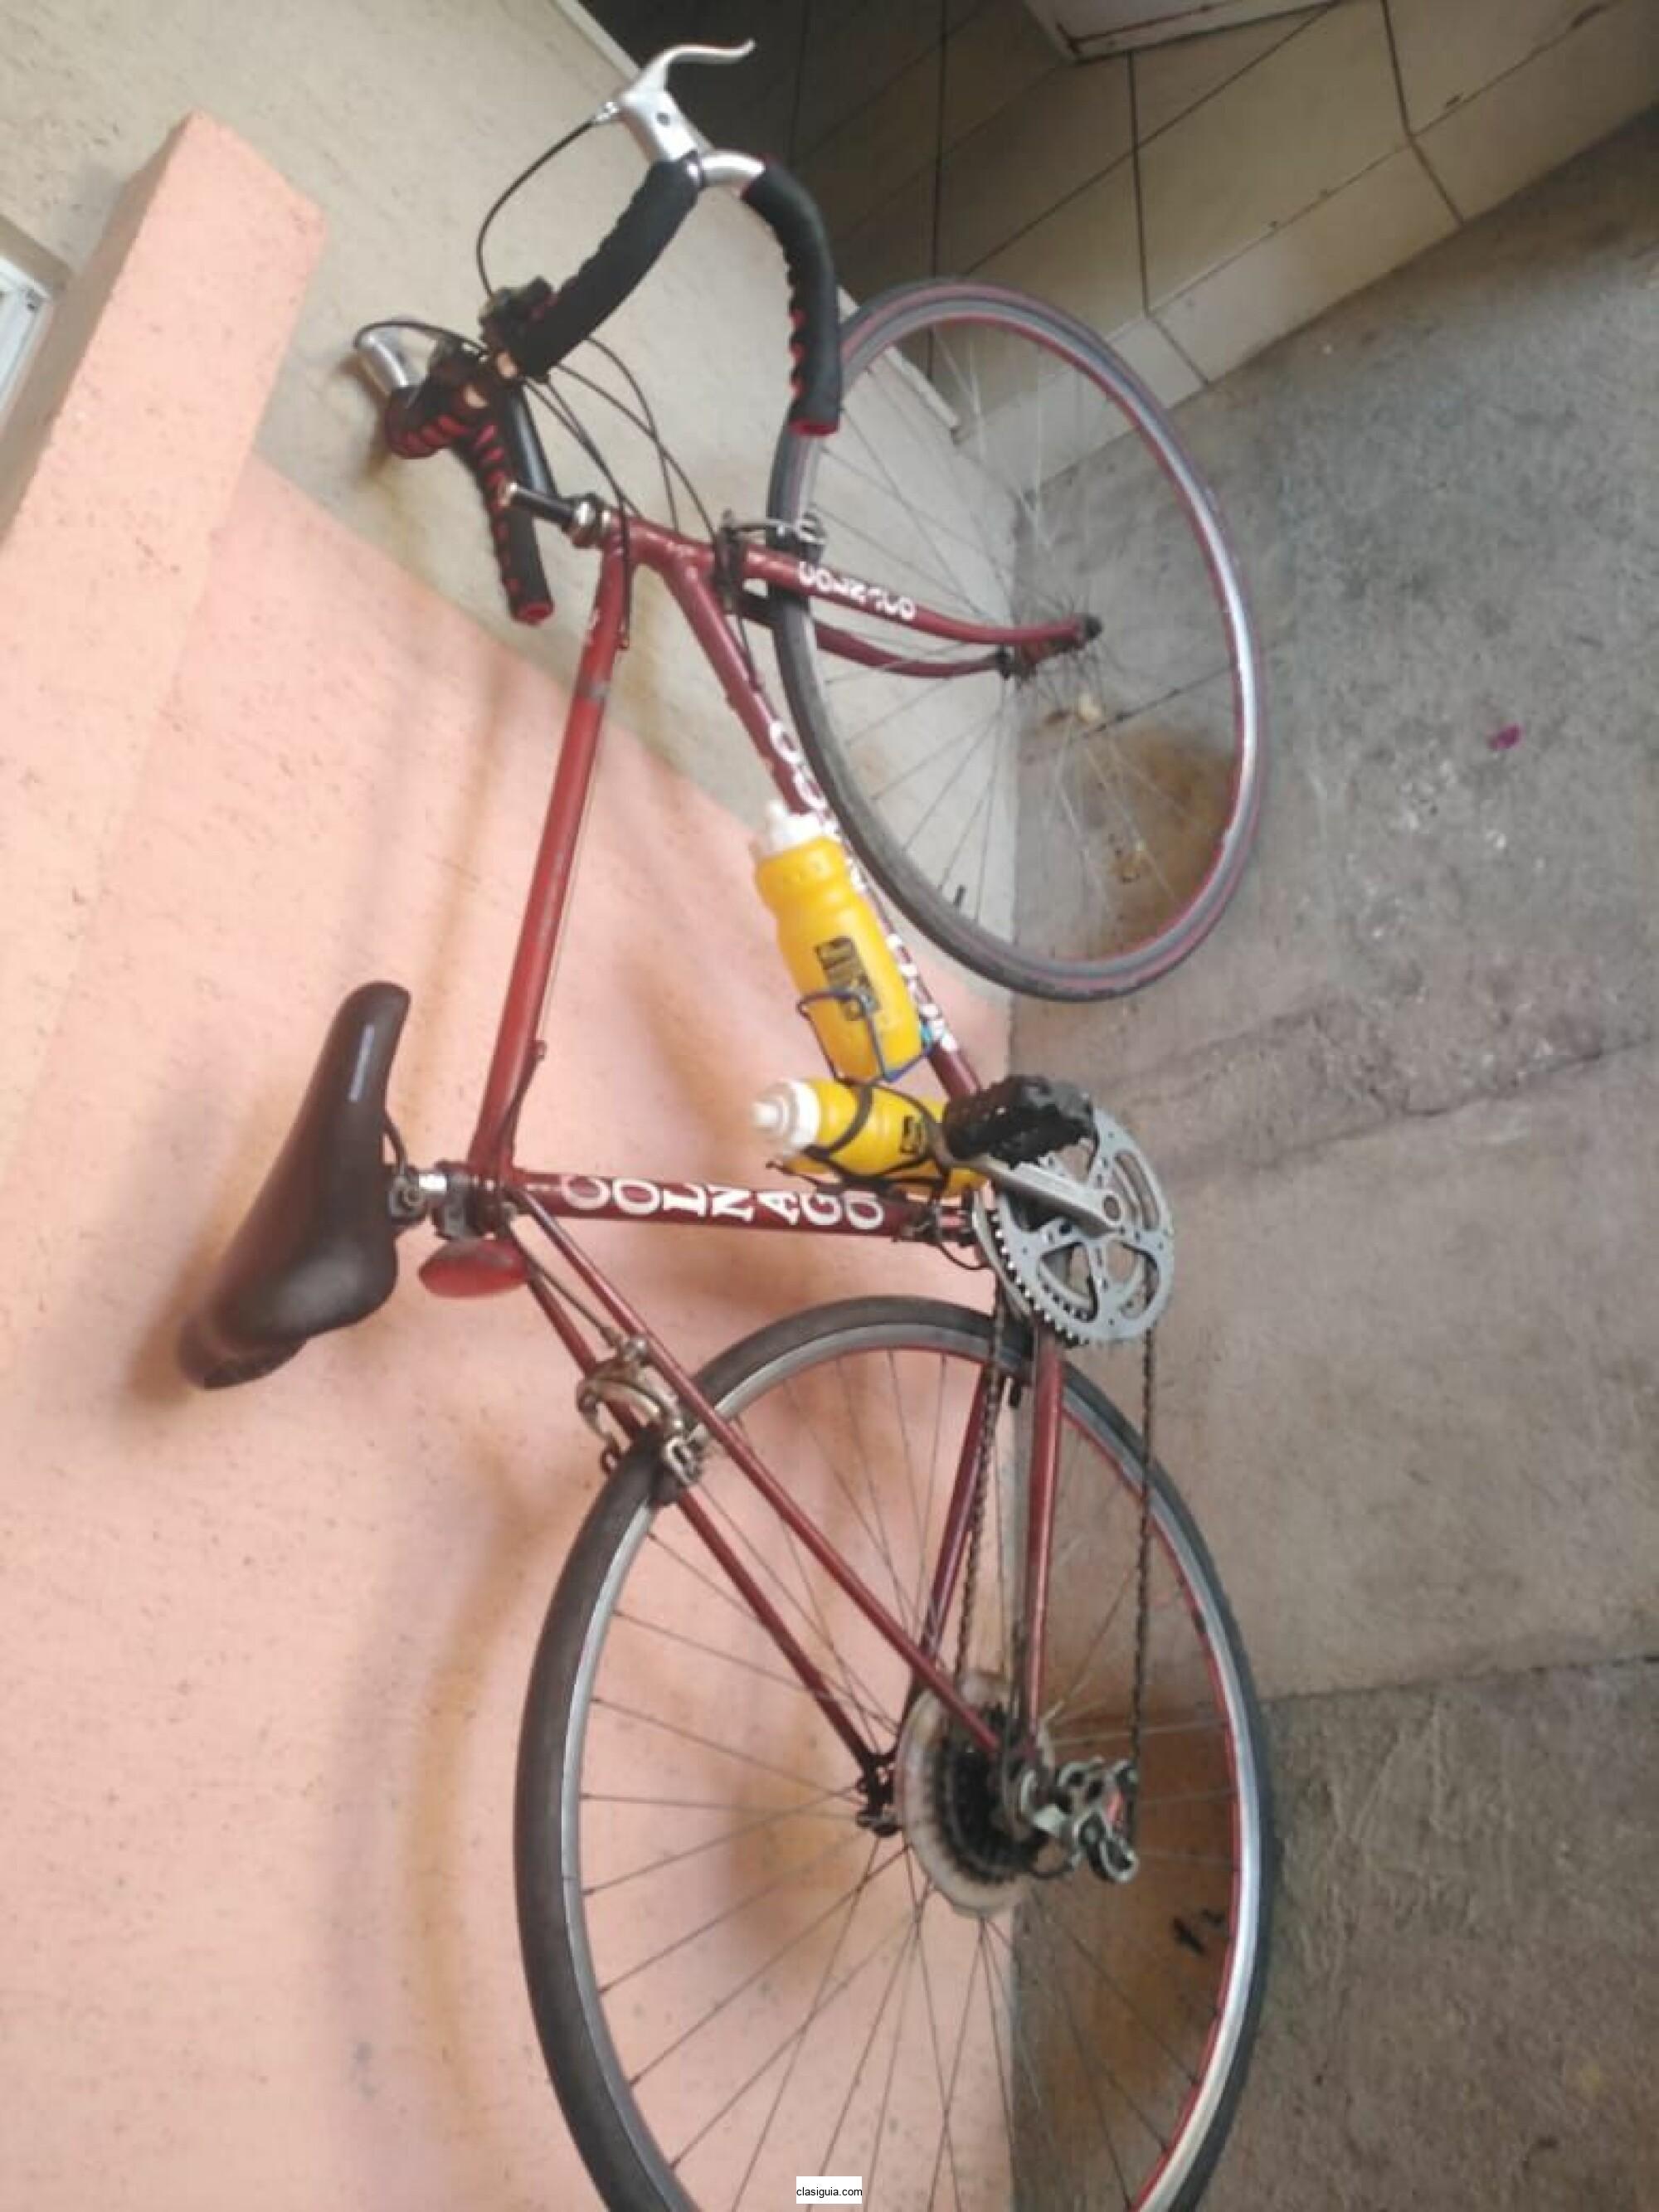 Oferta Bicicleta COLNAGO $80.00 7617-5355 quezaltepeque